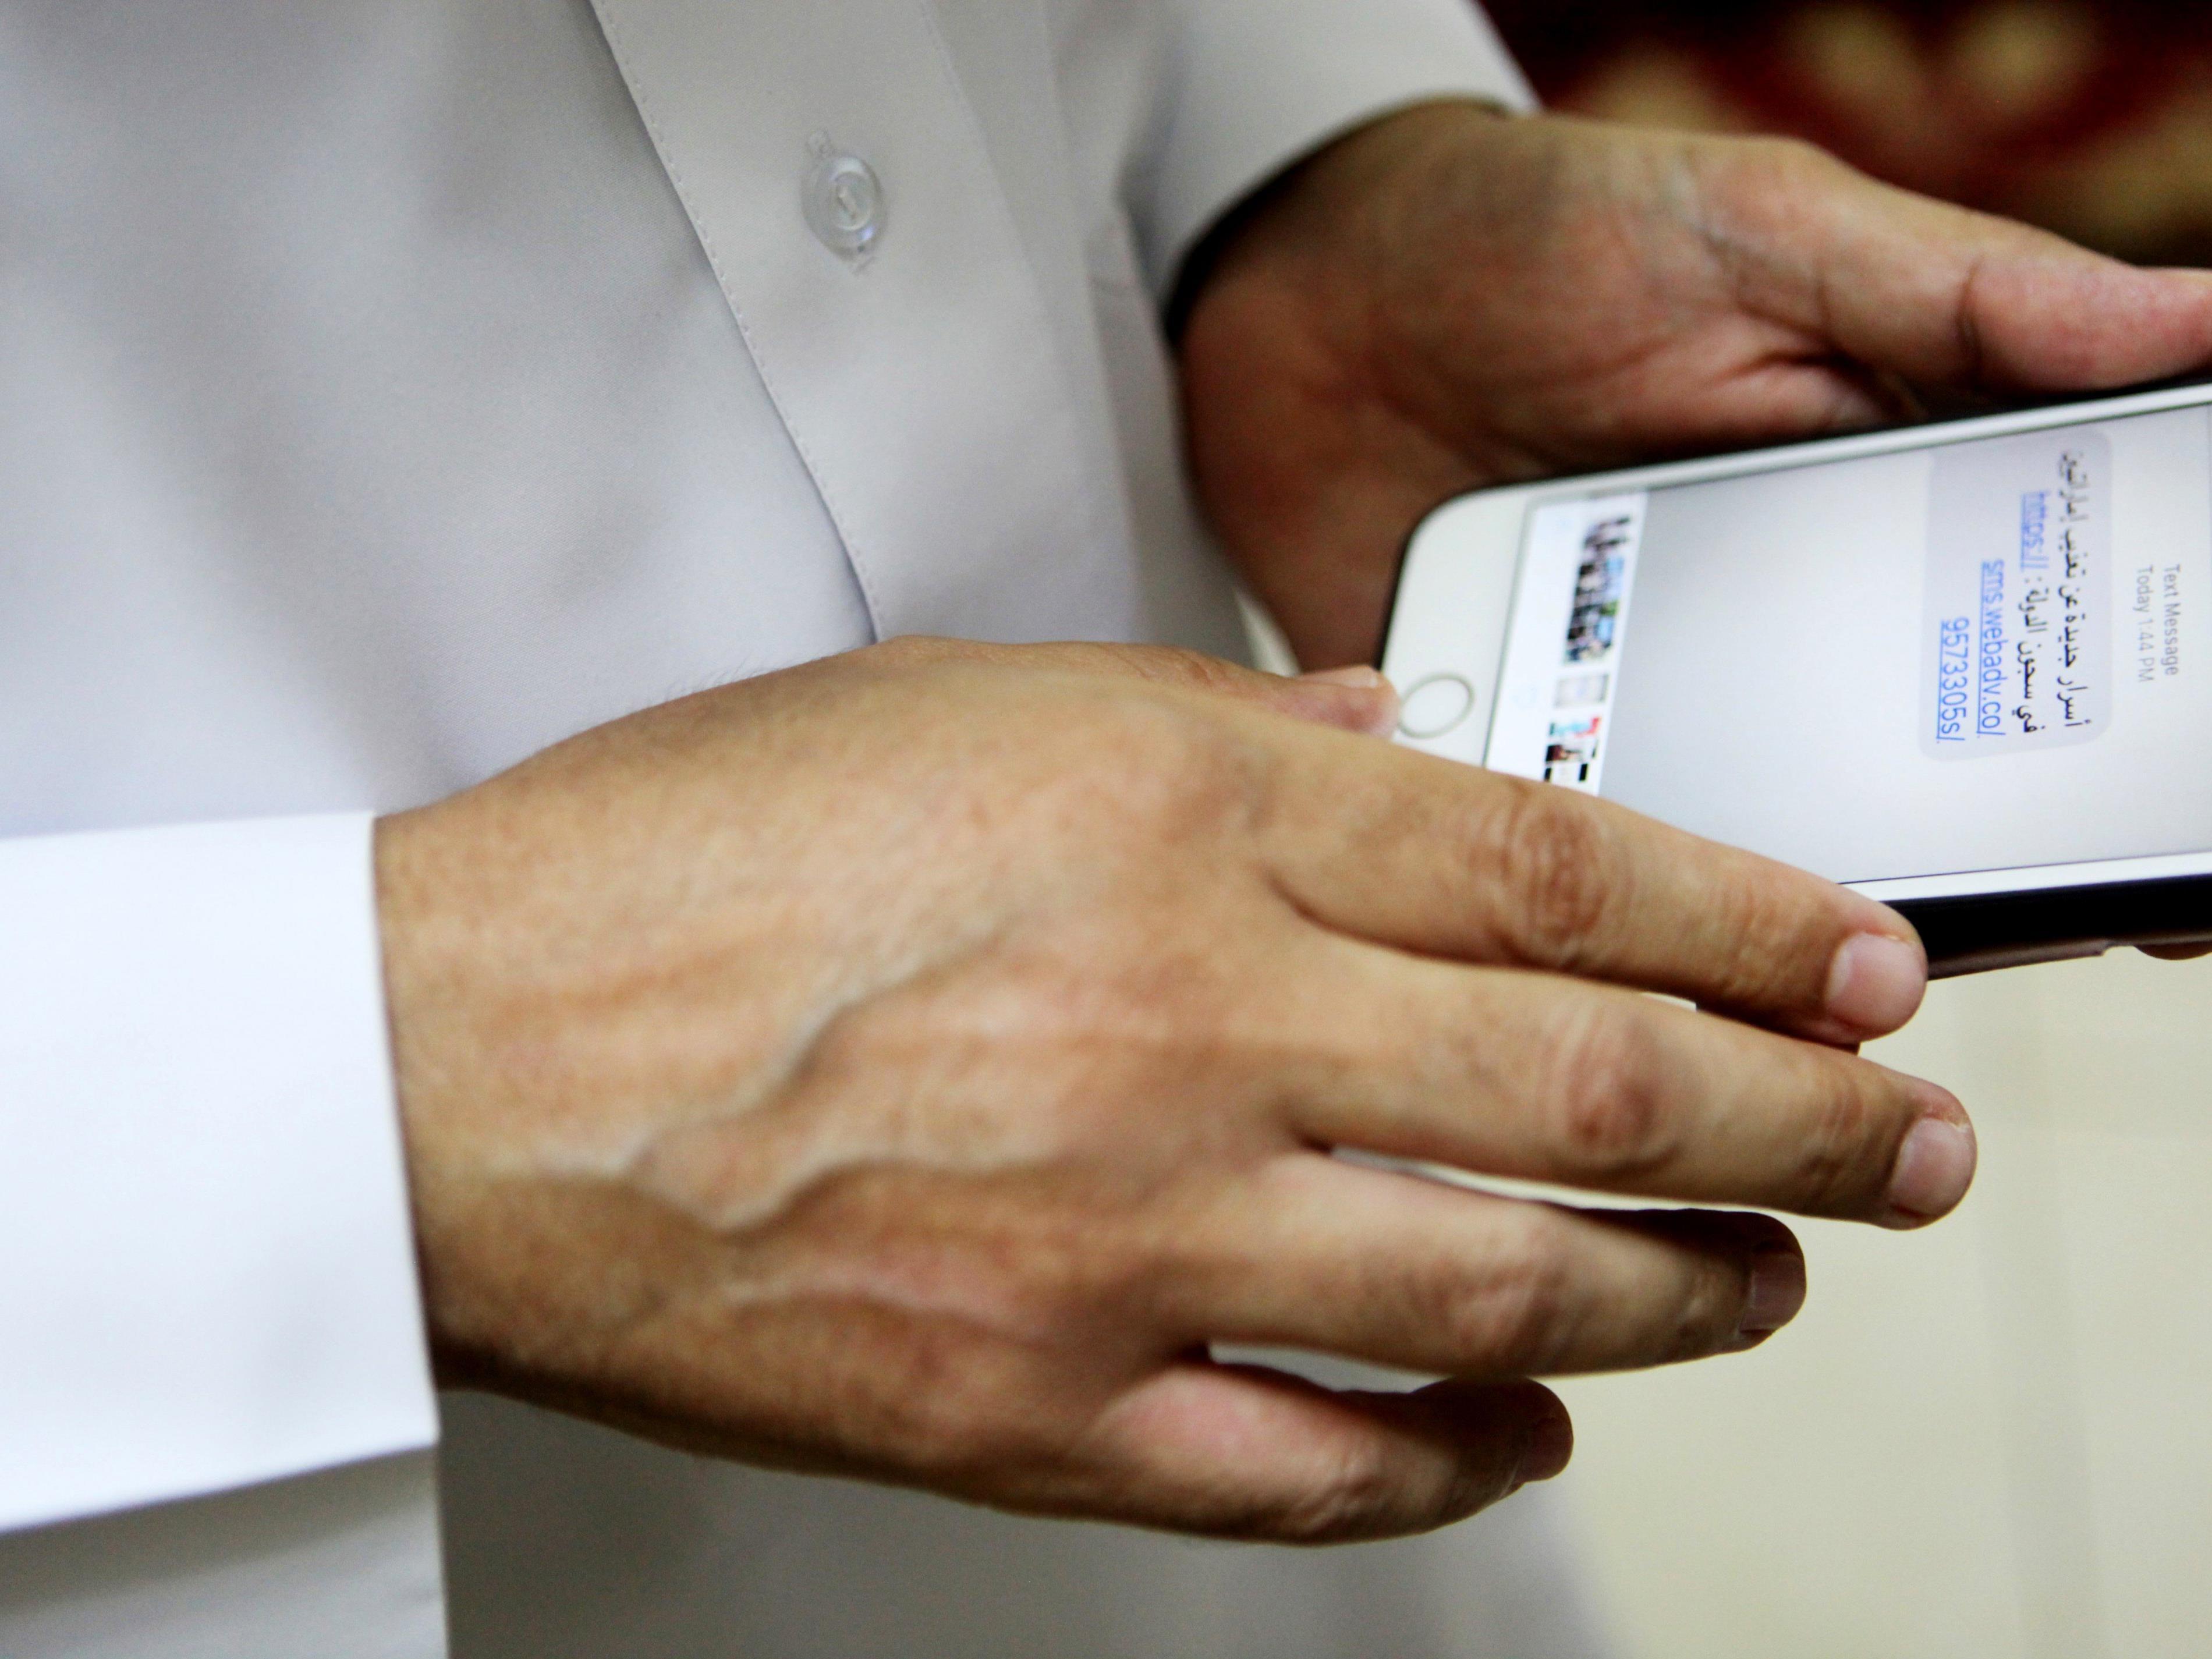 """Die Schadsoftware """"Pegasus"""" machte sich drei bisher unbekannte Sicherheitslücken zu Nutze und bedrohte Millionen iPhones. Ein Update von Apple soll die Lücken am Freitag geschlossen haben."""